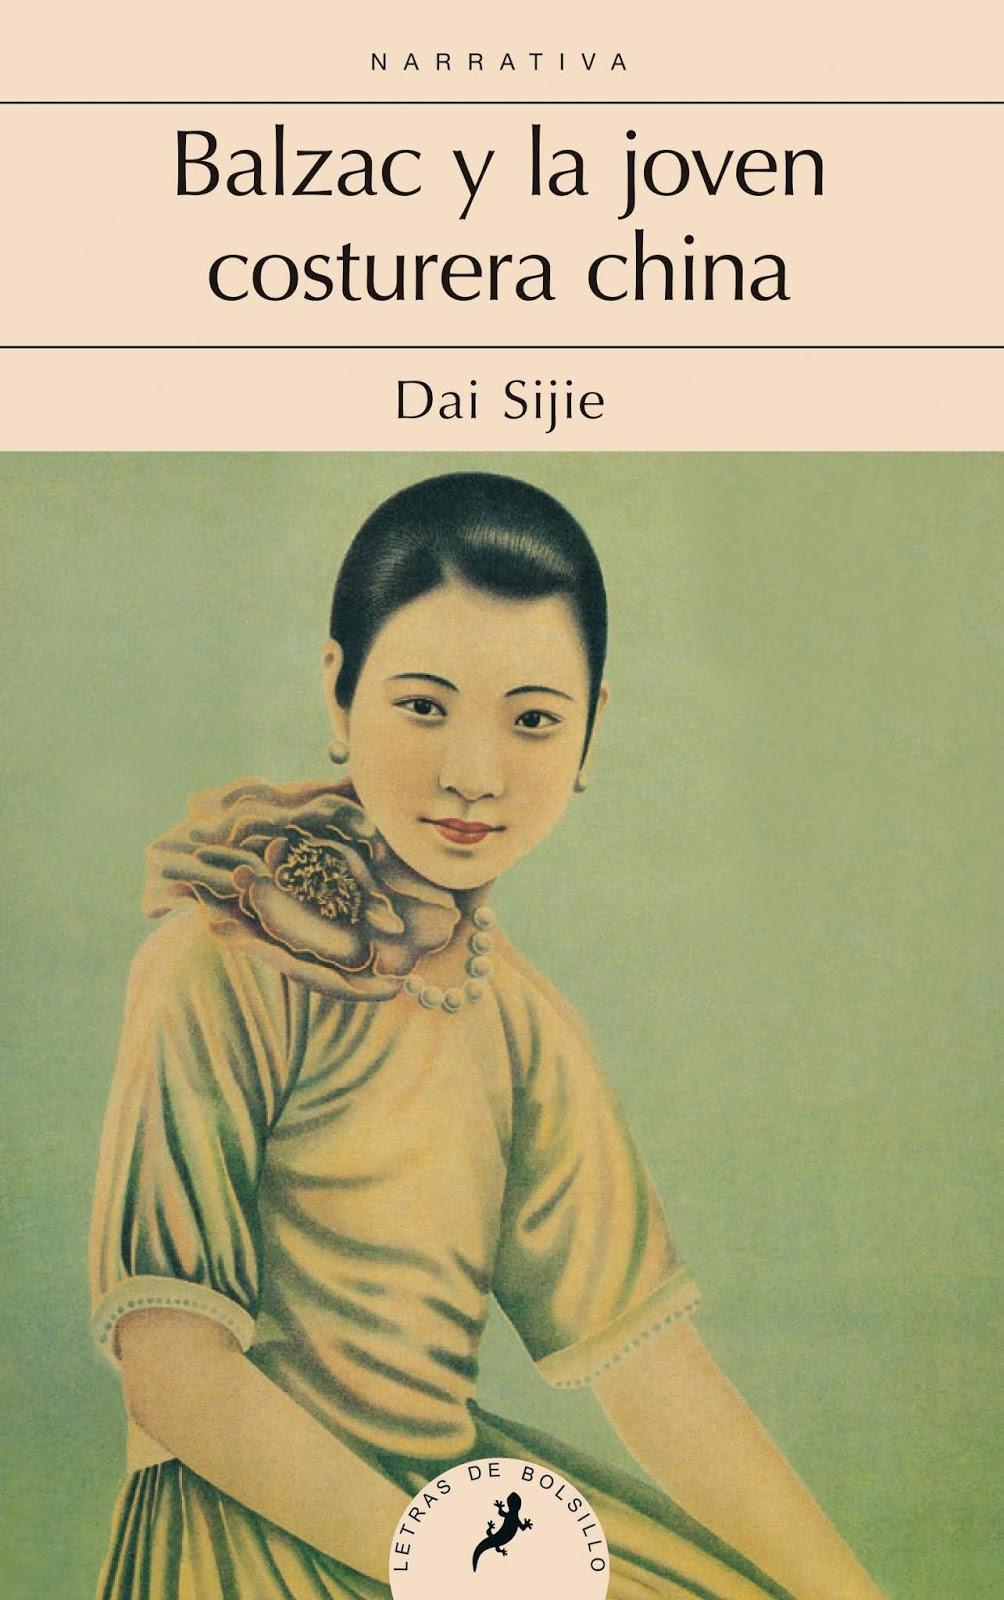 https://laantiguabiblos.blogspot.com/2020/06/balzac-y-la-joven-costurera-china-dai.html